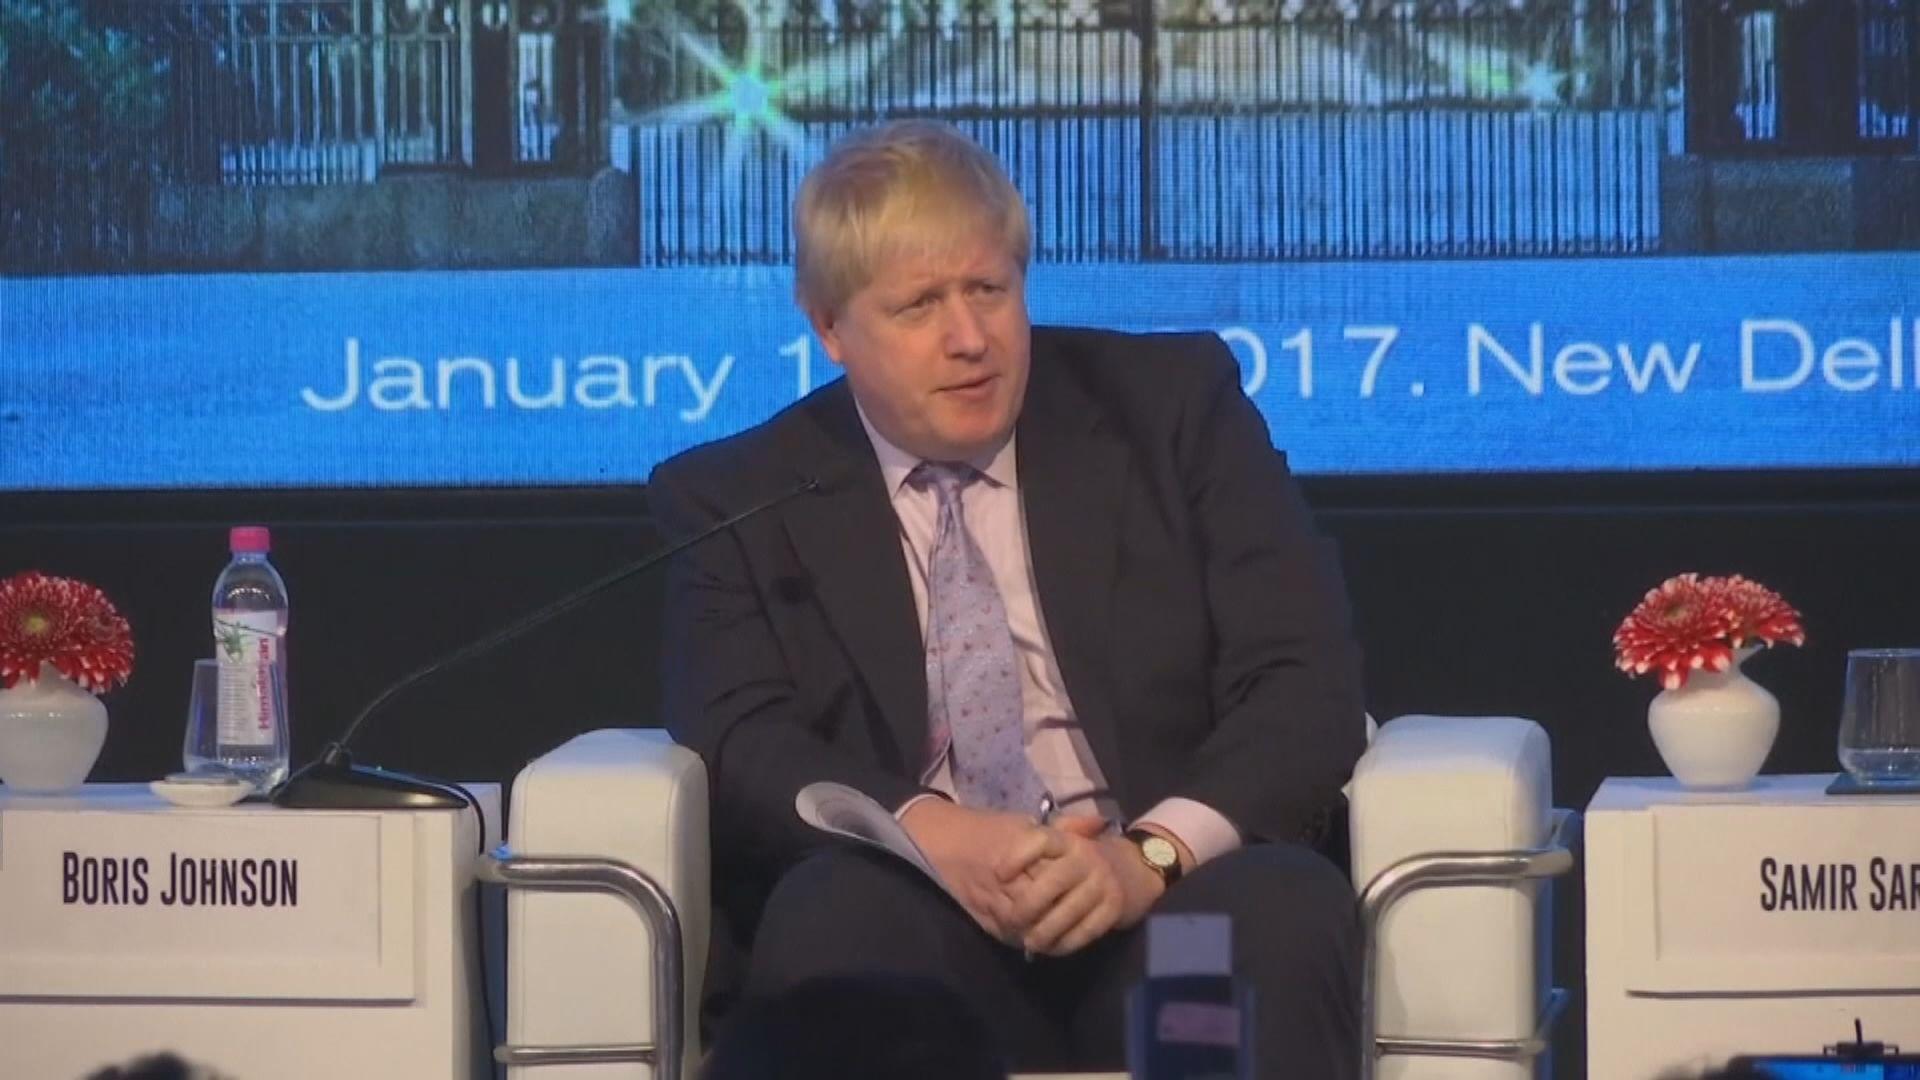 約翰遜稱即使脫歐新方案失敗亦不會辭職